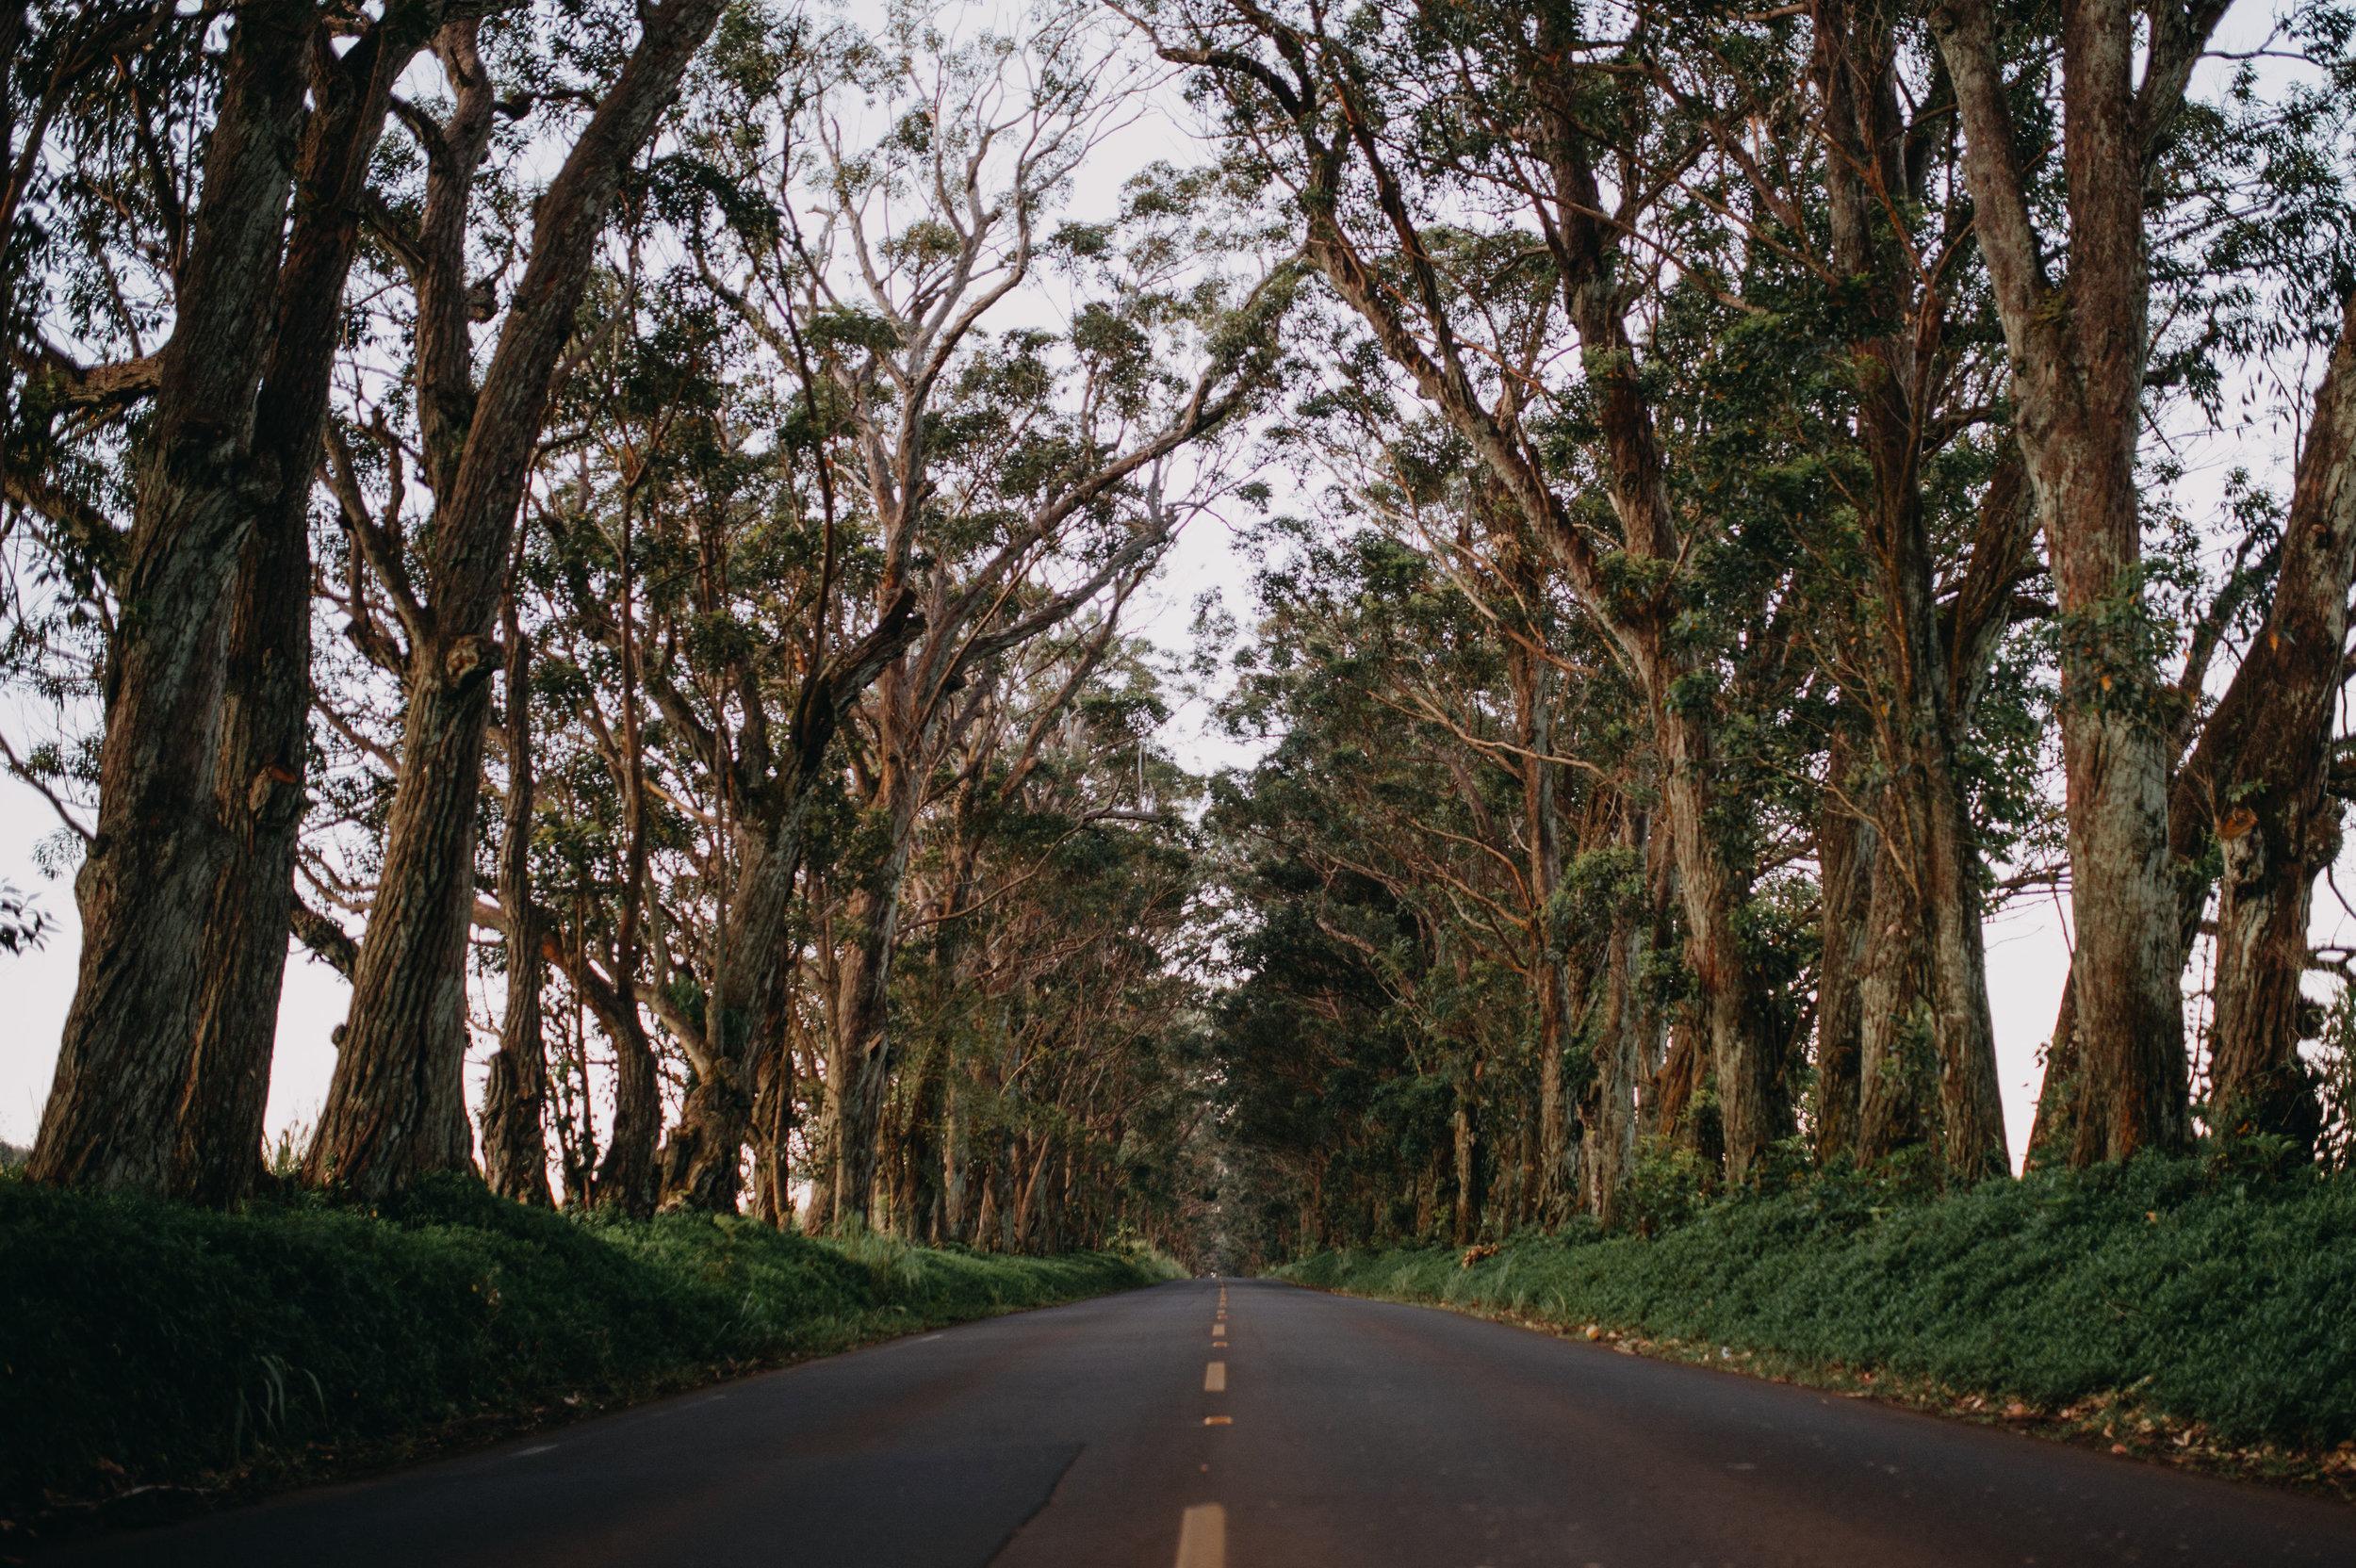 kauai19-53.jpg